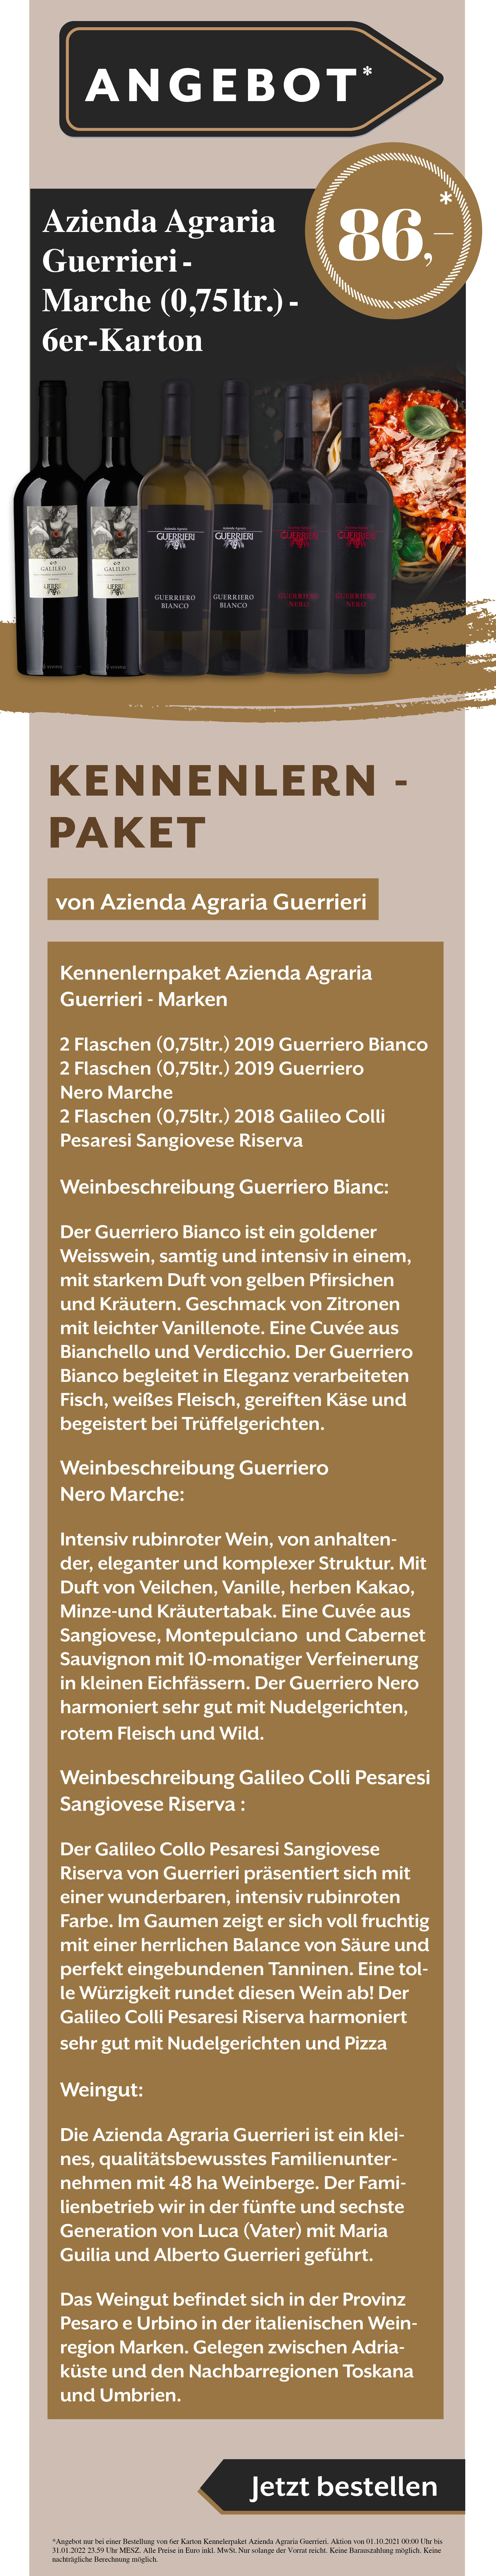 Wein Azienda agraria guerrieri marche Angebot Rabatt Weißwein Rotwein Rose Gault Millau Weinguide Kennenlernpaket